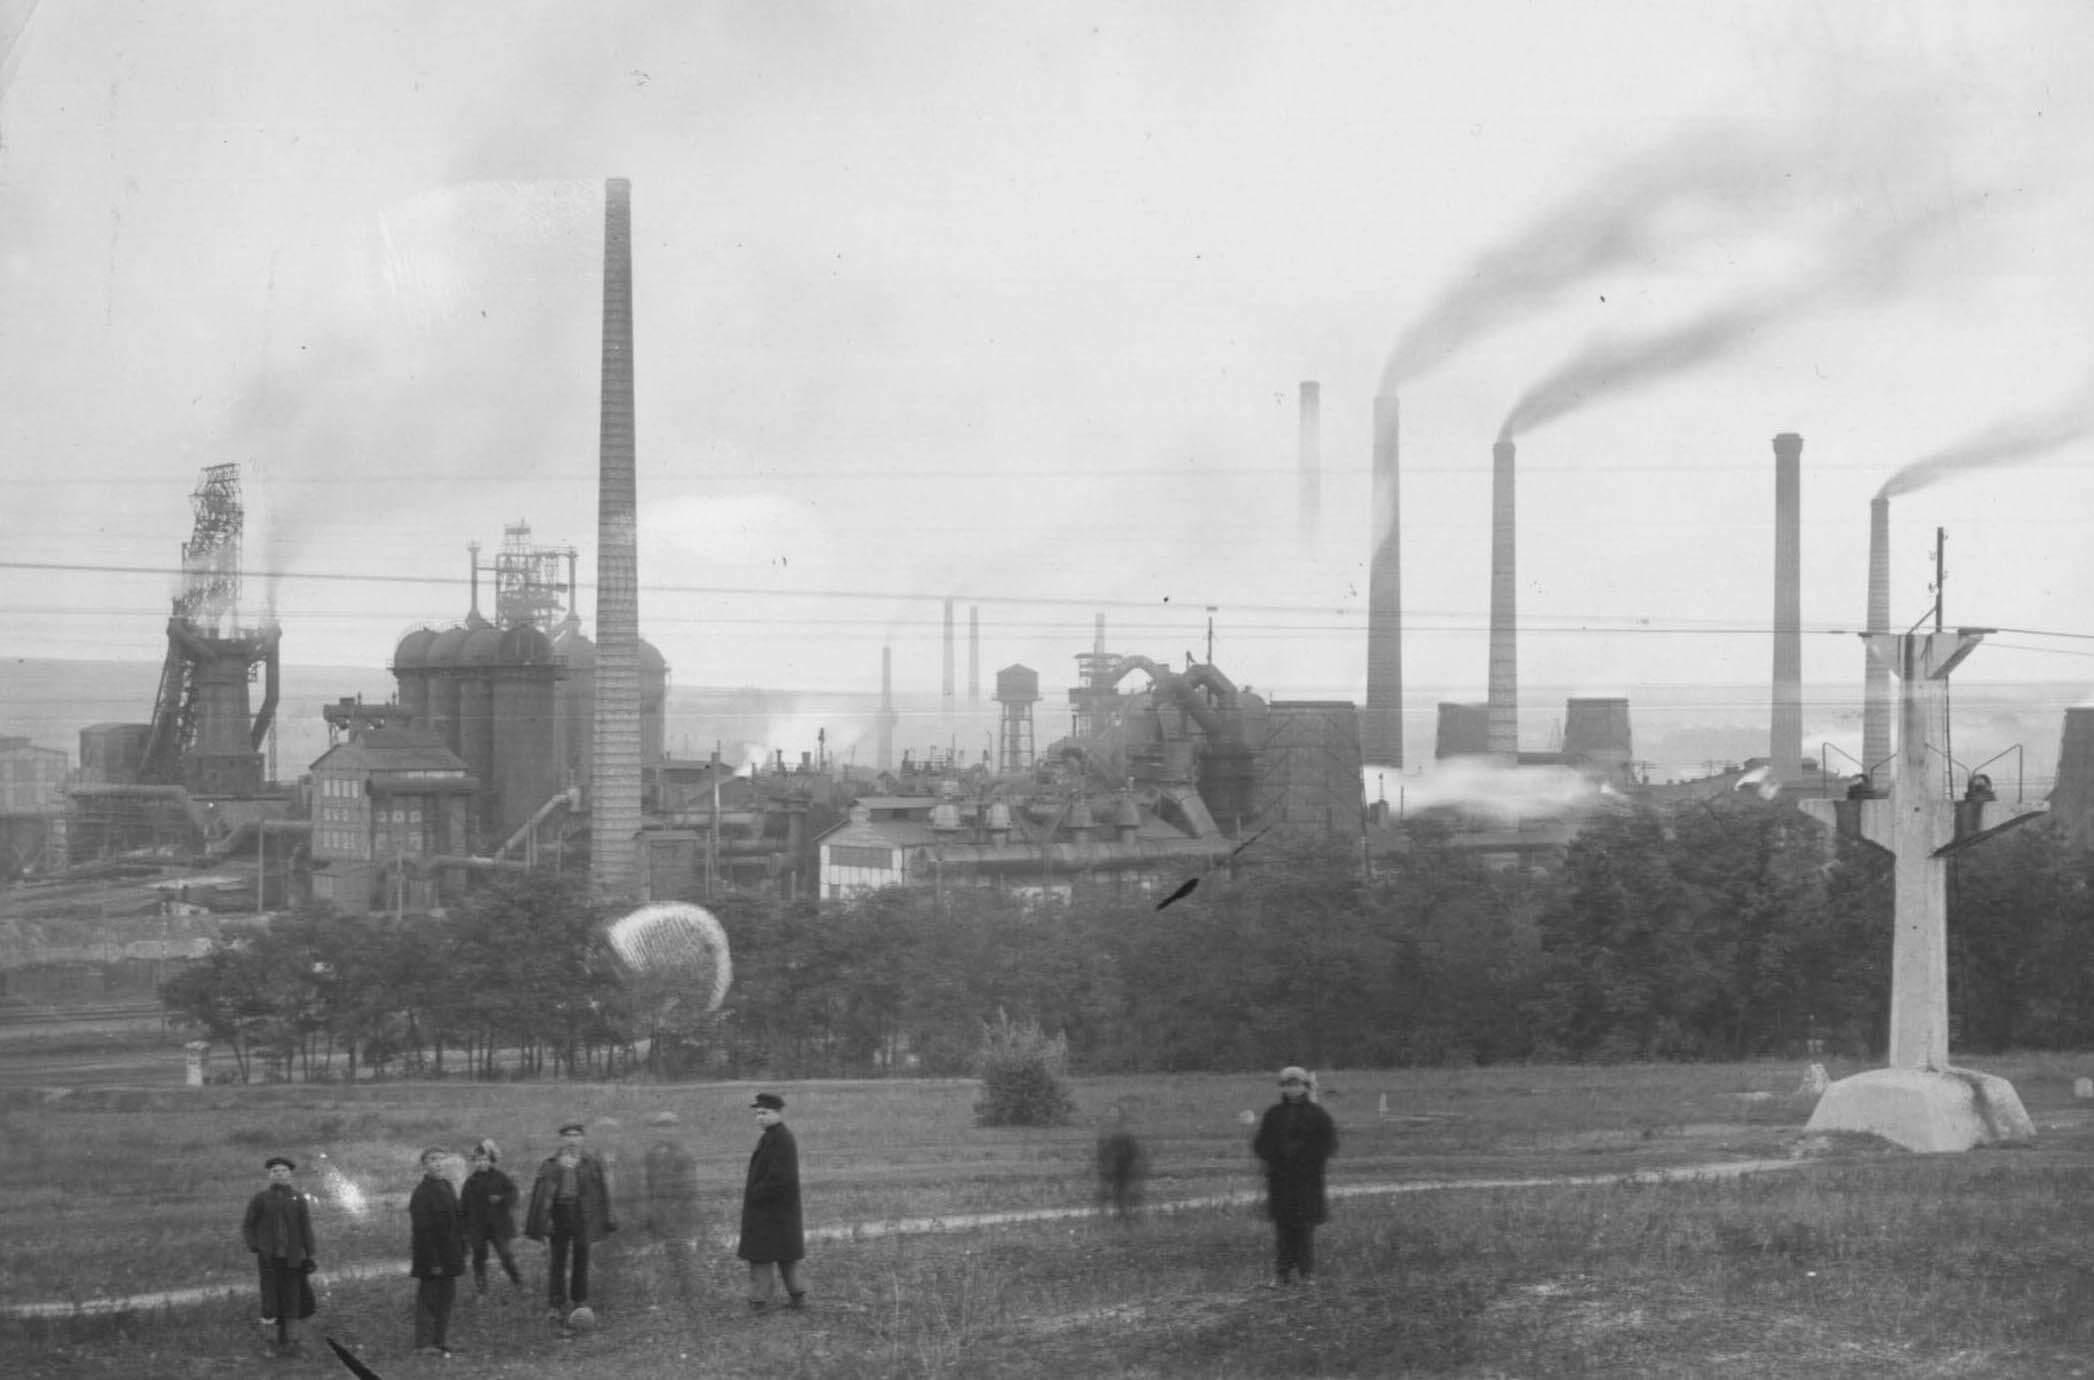 Індустріалізація та міський ландшафт Промислового Півдня Російської імперії